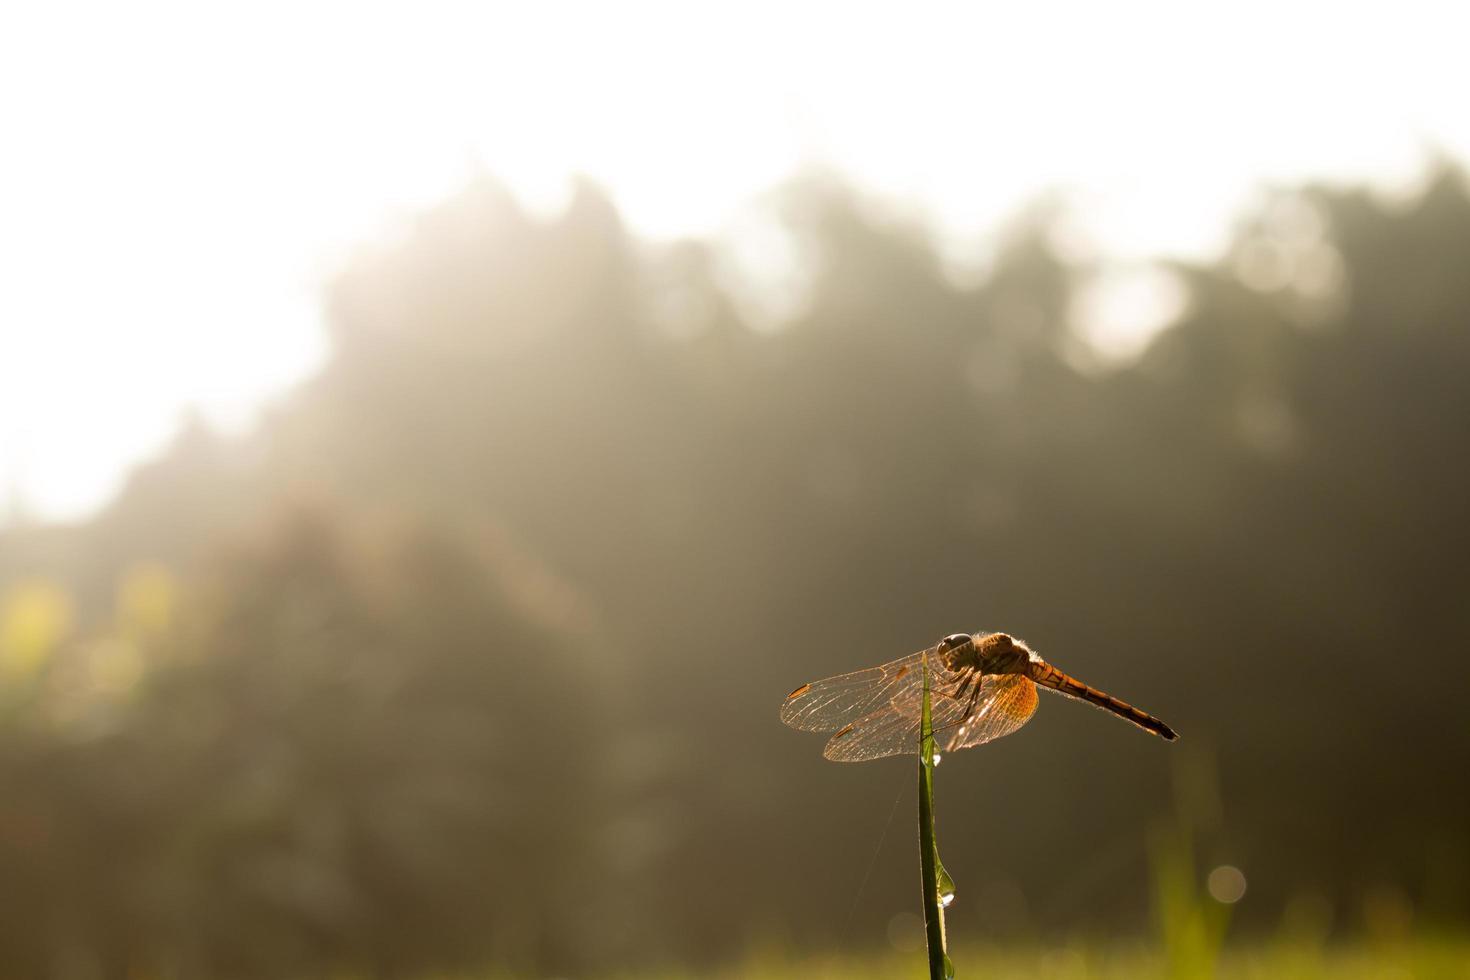 schöne Libelle in der Natur foto